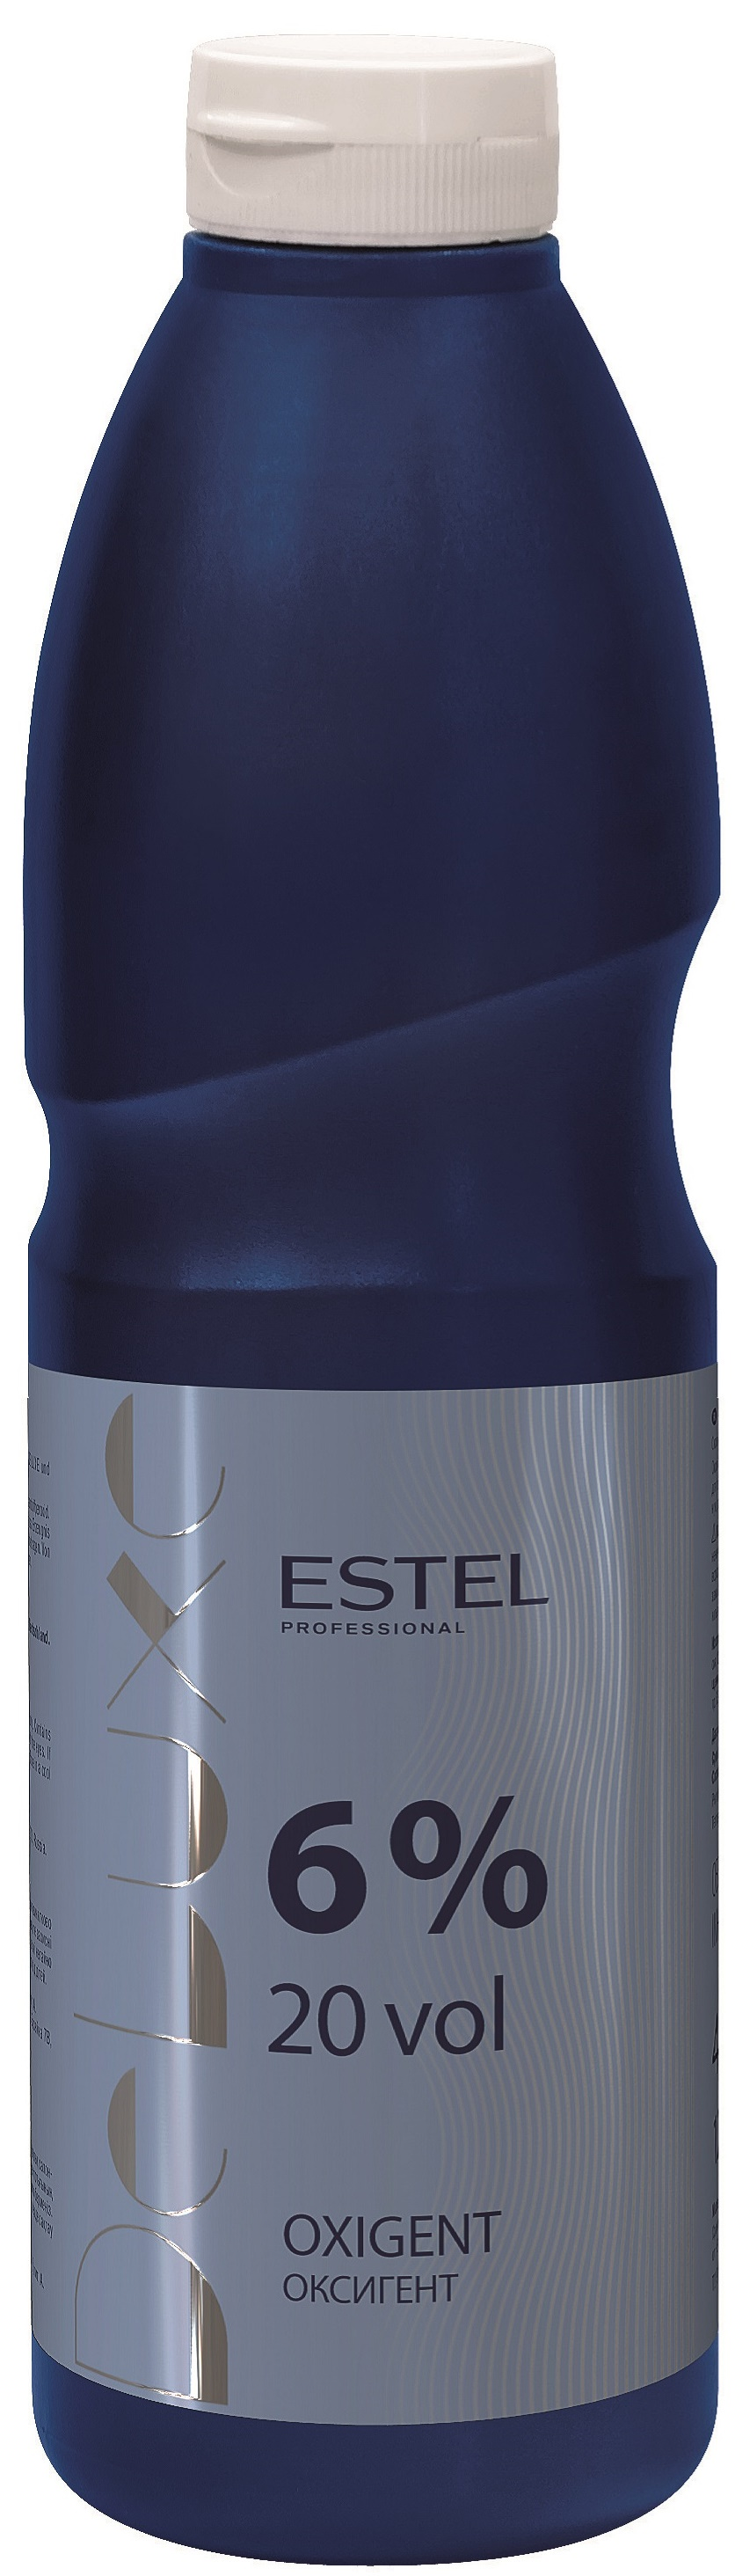 Фото - Окислитель ESTEL PROFESSIONAL оксигент DE LUXE 6 процентов 900 мл estel дозатор для флакона 1000 мл estel professional